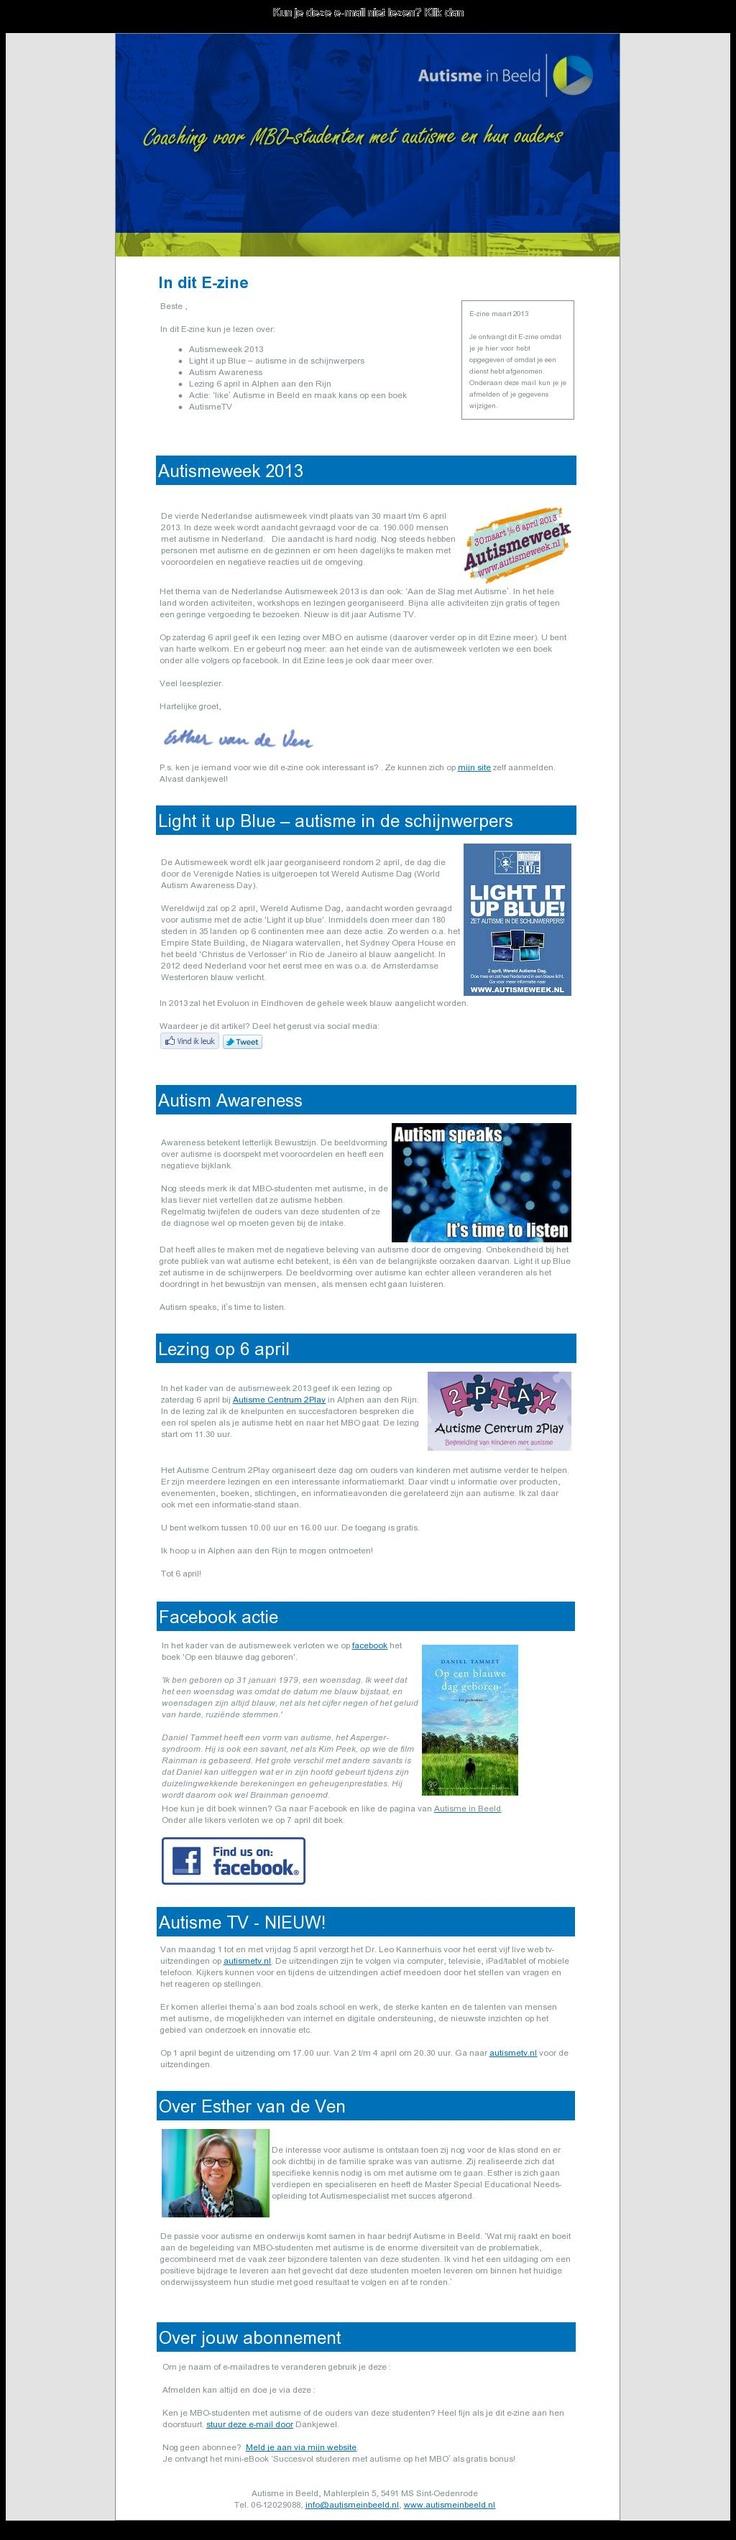 De nieuwsbrief van www.autismeinbeeld.nl